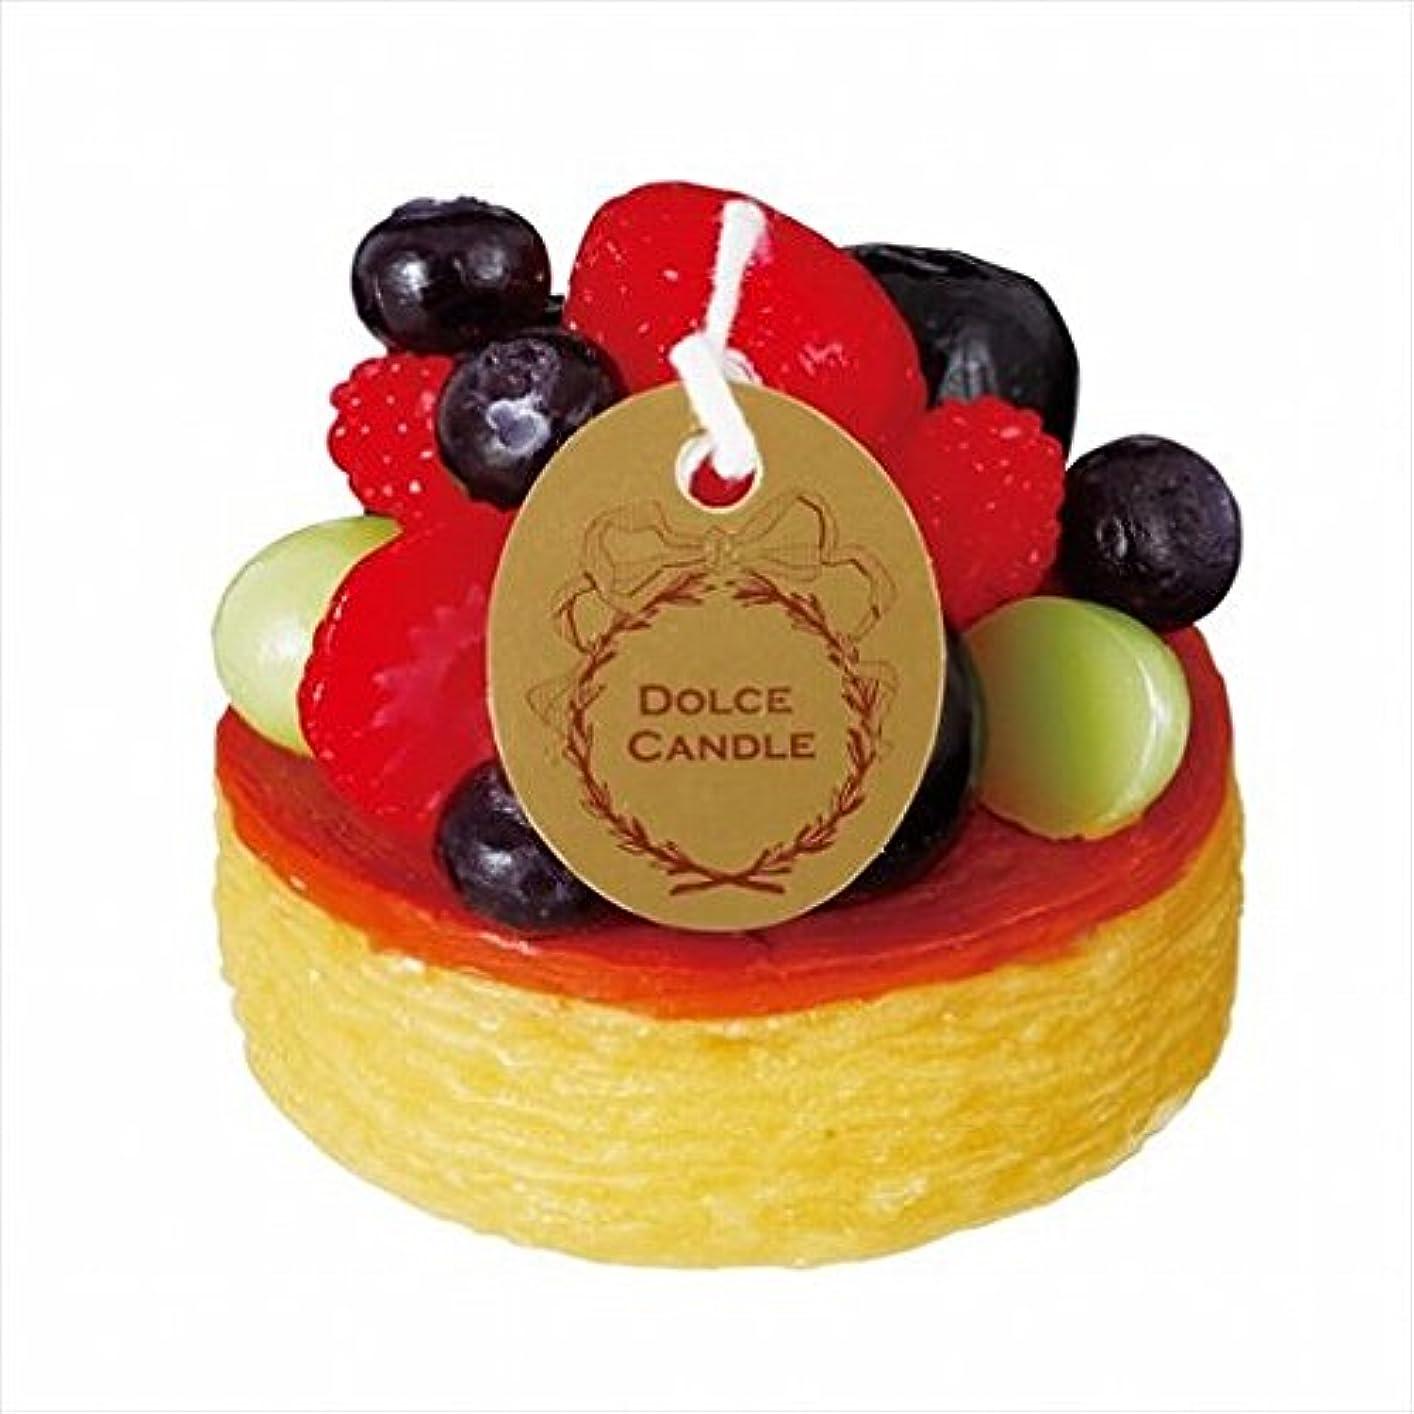 マット日焼けホバースイーツキャンドル( sweets candle ) ドルチェキャンドル 「 フルーツタルト 」